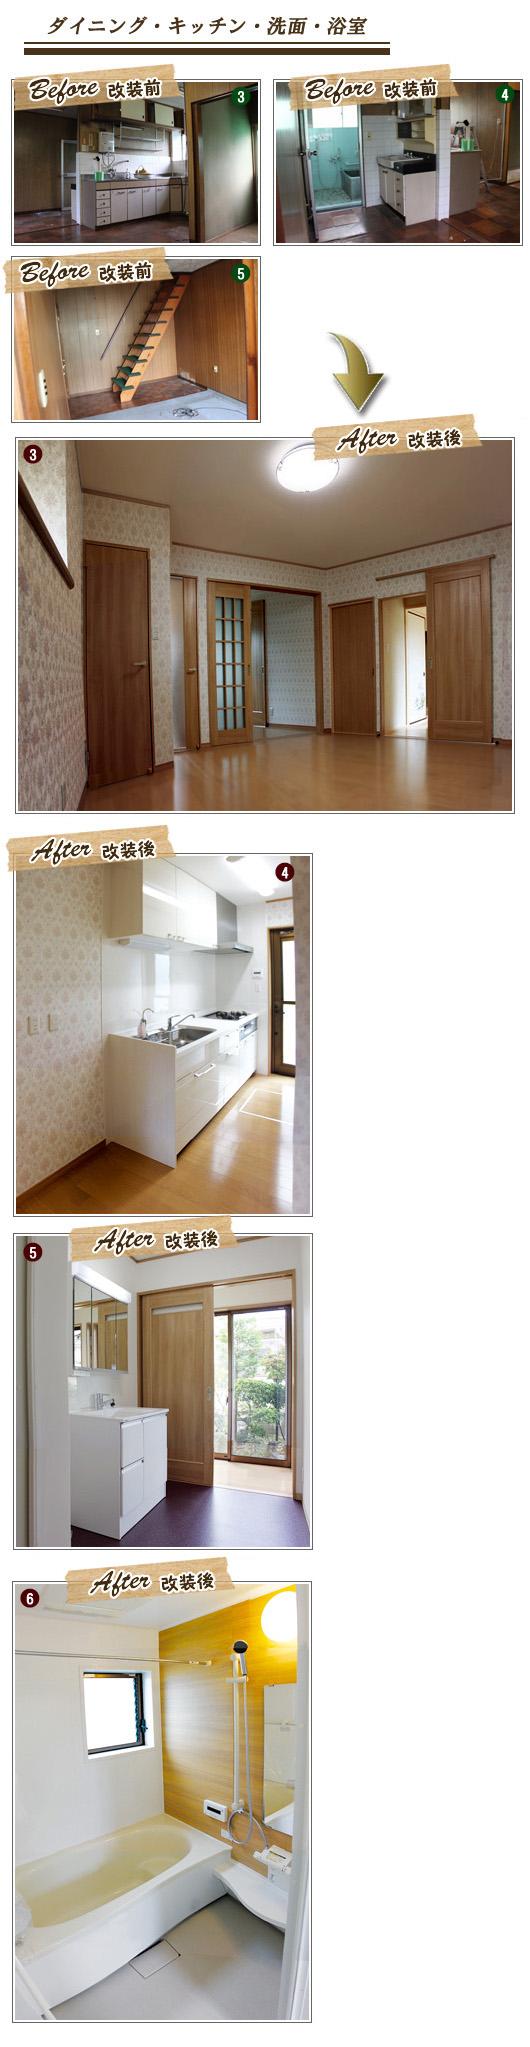 DK・洗面・浴室